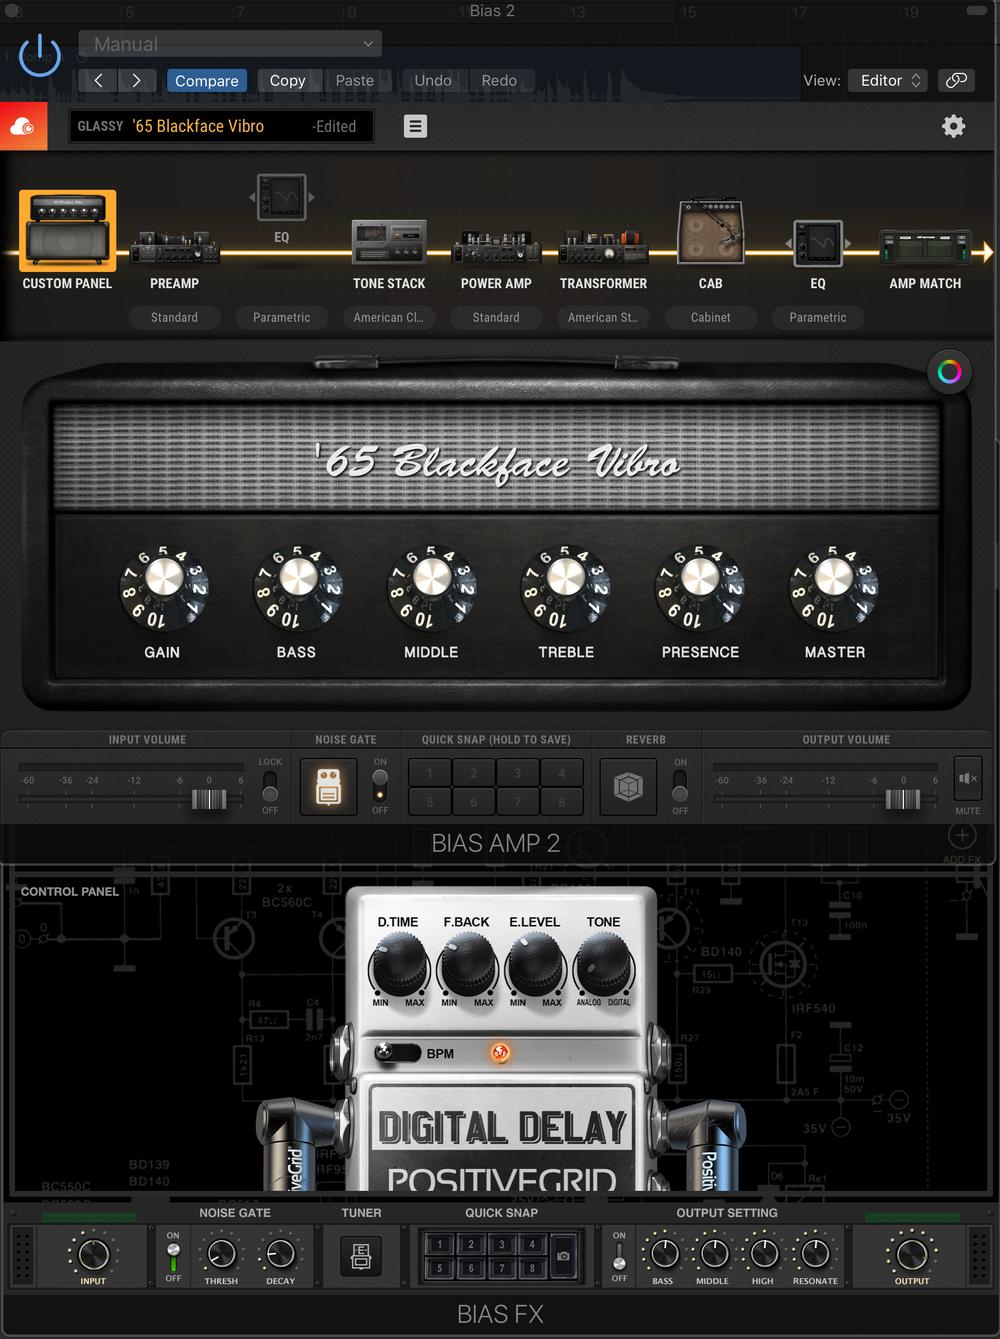 Fender_Clean_Bias_2.png